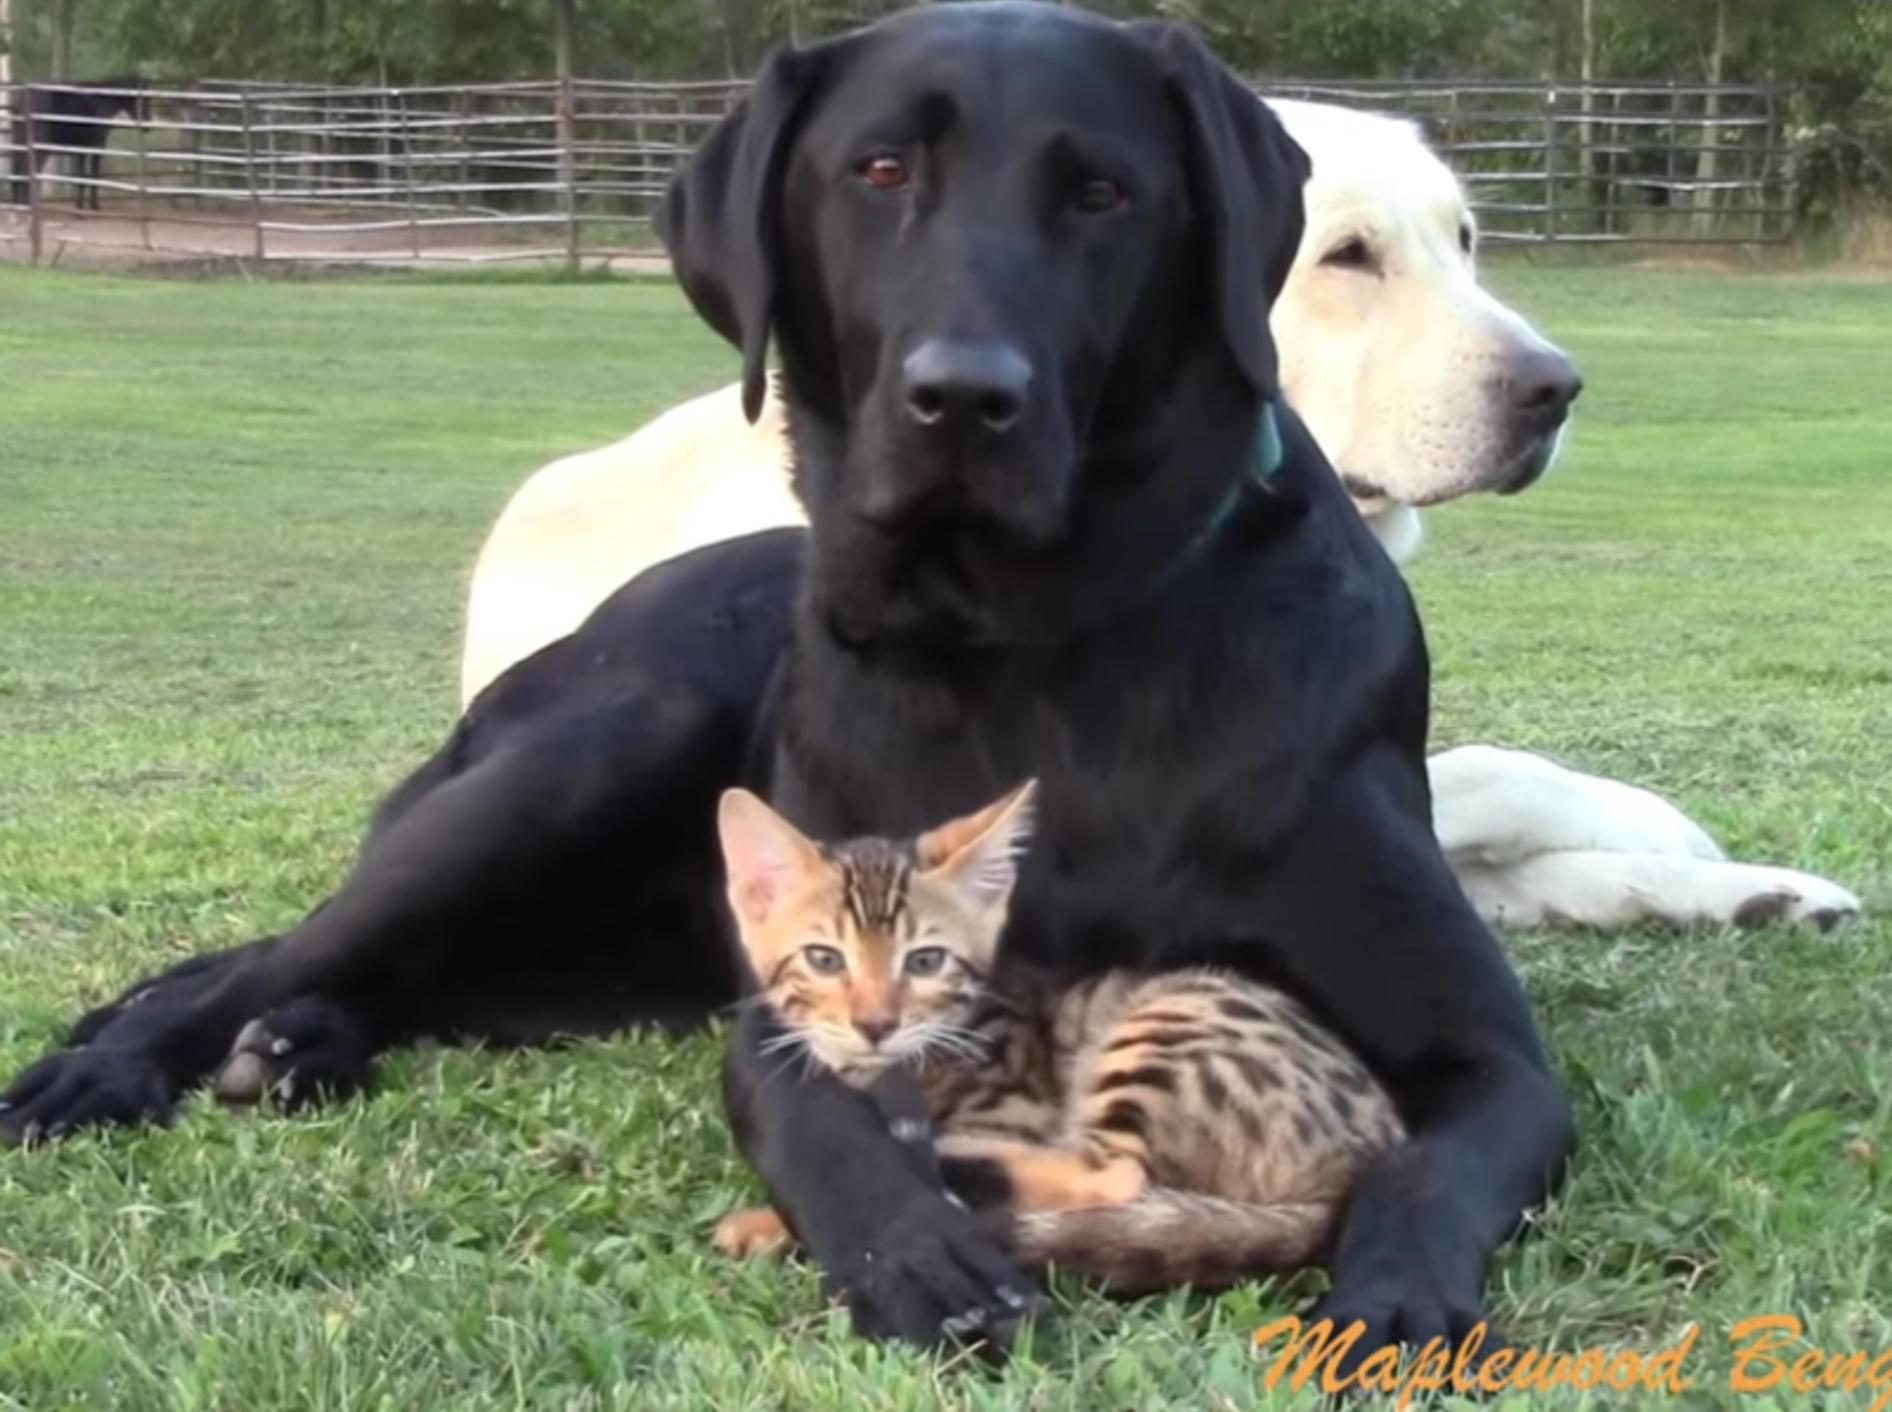 Kleine Bengalkatze und Hunde sind allerbeste Kumpels – YouTube / Maplewood Bengals